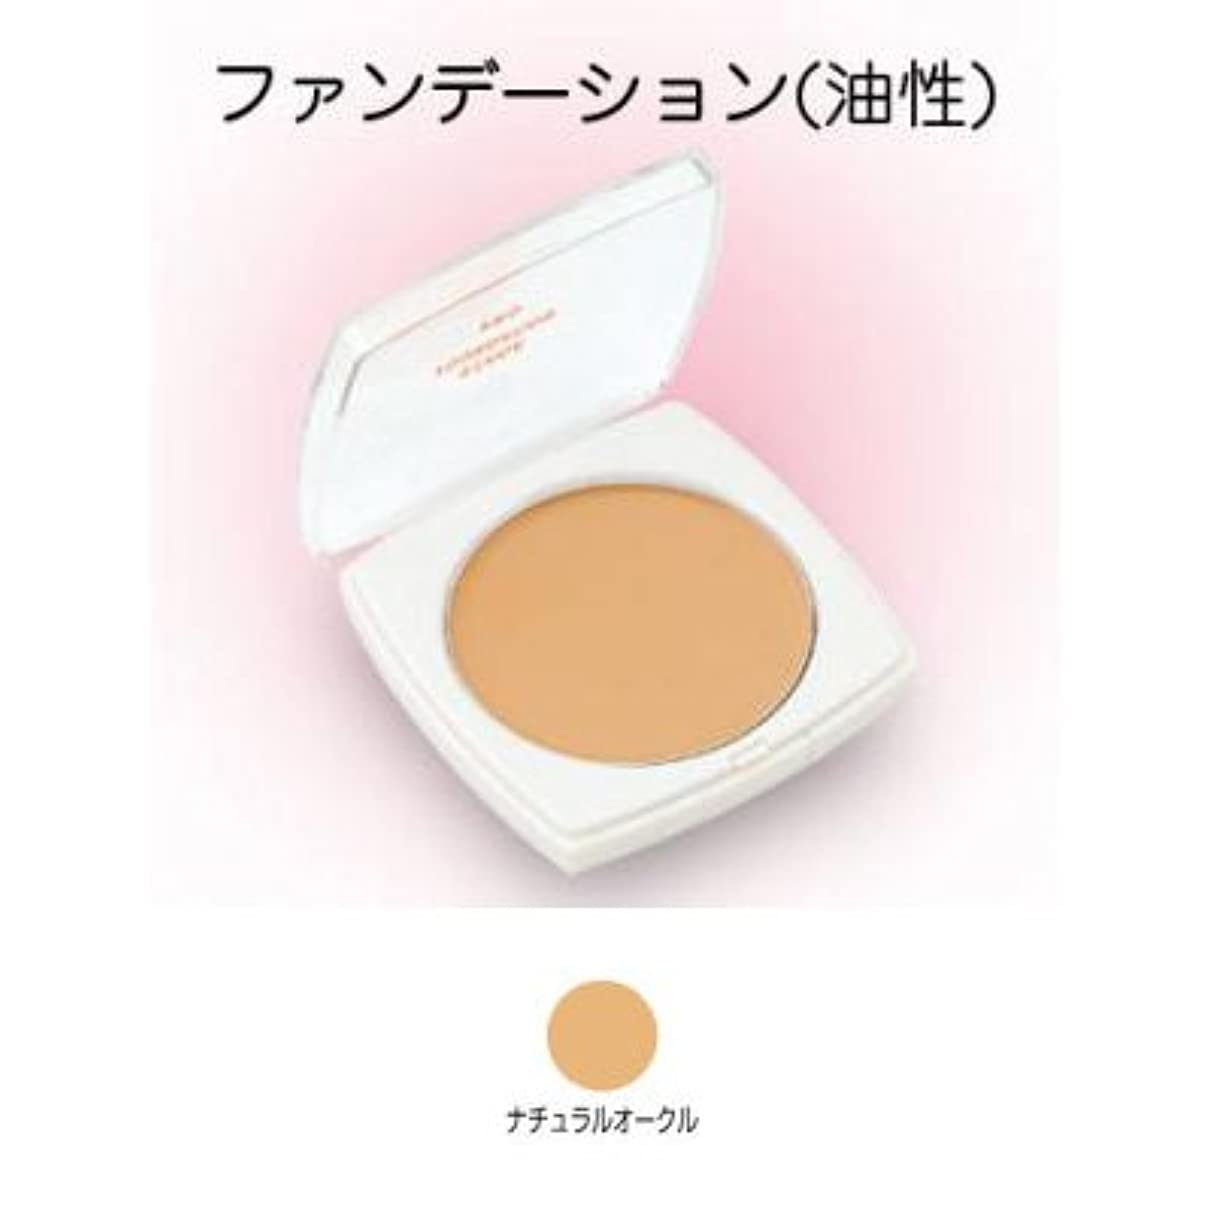 遡る改善ターミナルステージファンデーション プロ 13g ナチュラルオークル 【三善】